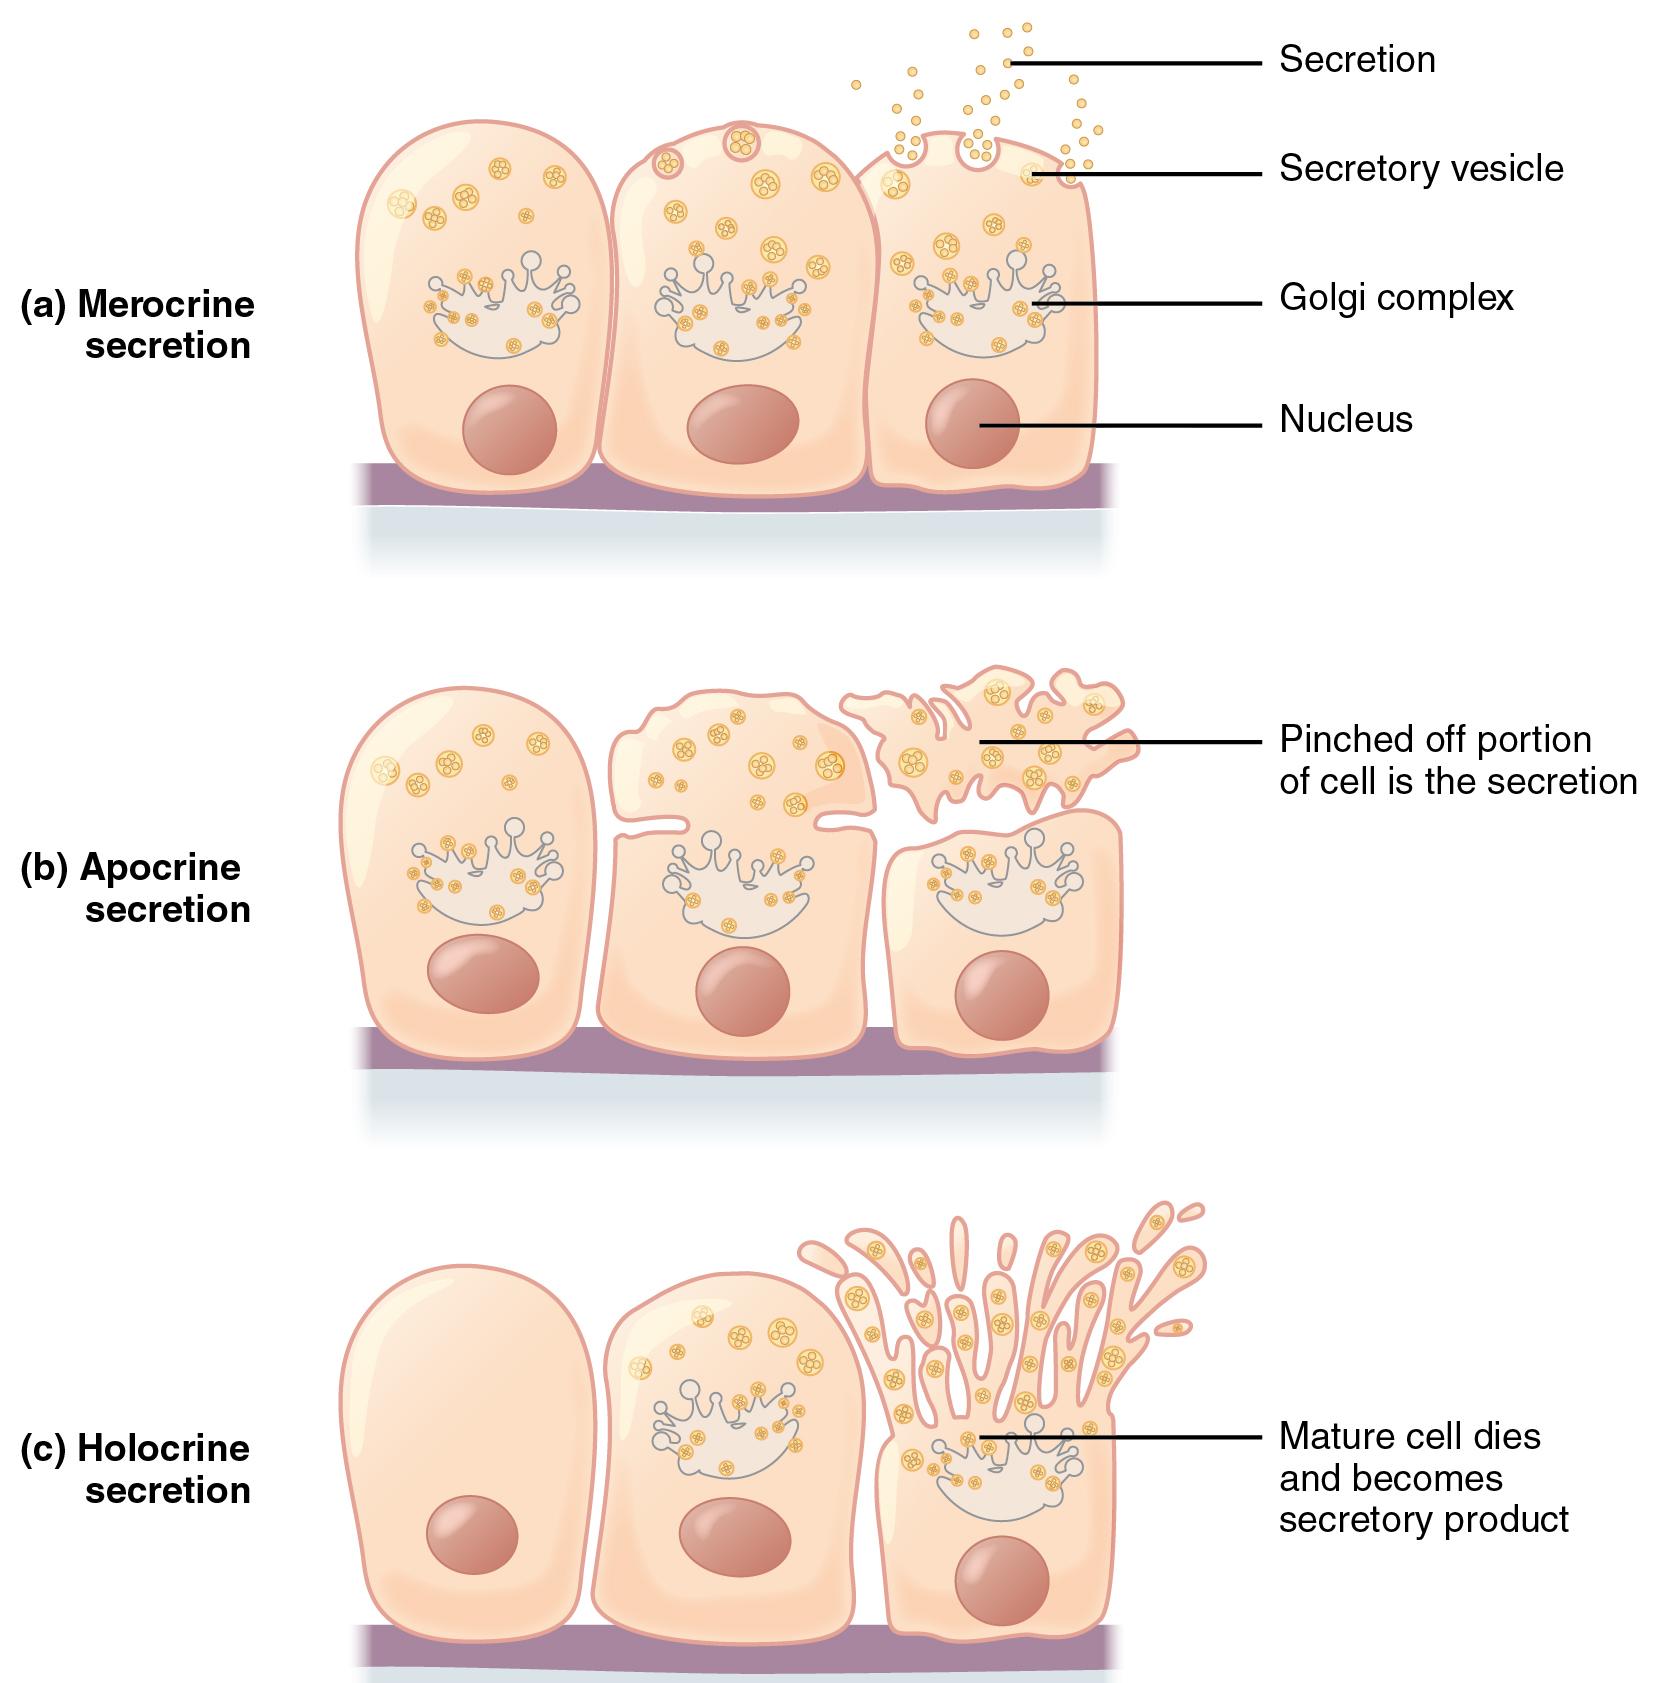 Fantastisch Endokrine Drüse Zeitgenössisch - Menschliche Anatomie ...